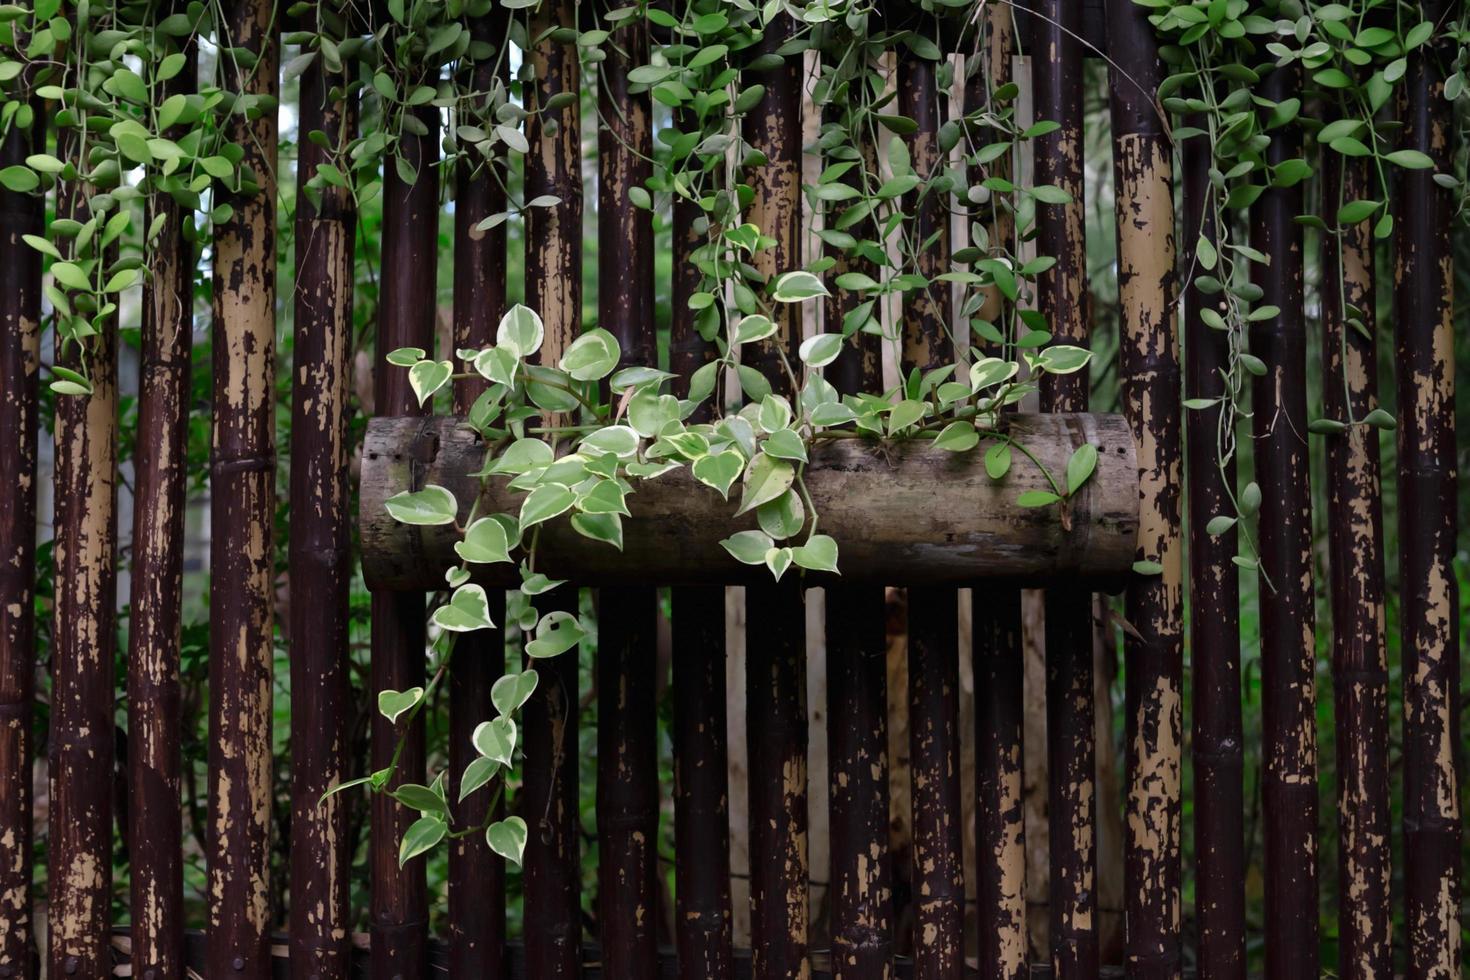 Efeu wächst auf einem Baumstamm foto